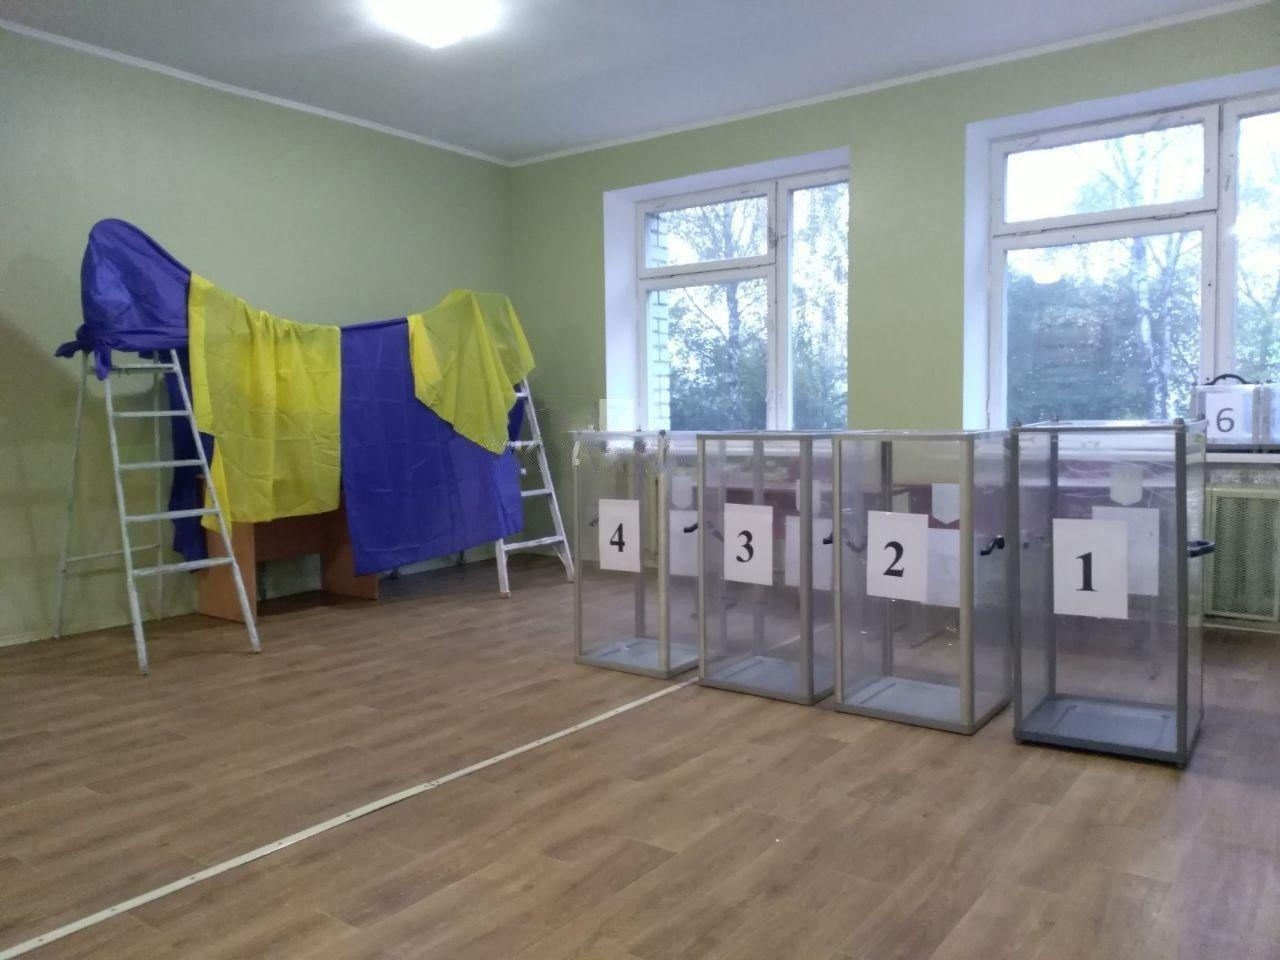 Динозавры, Путин в бюллетене и странные кабинки: подборка курьезов во время выборов - фото 8